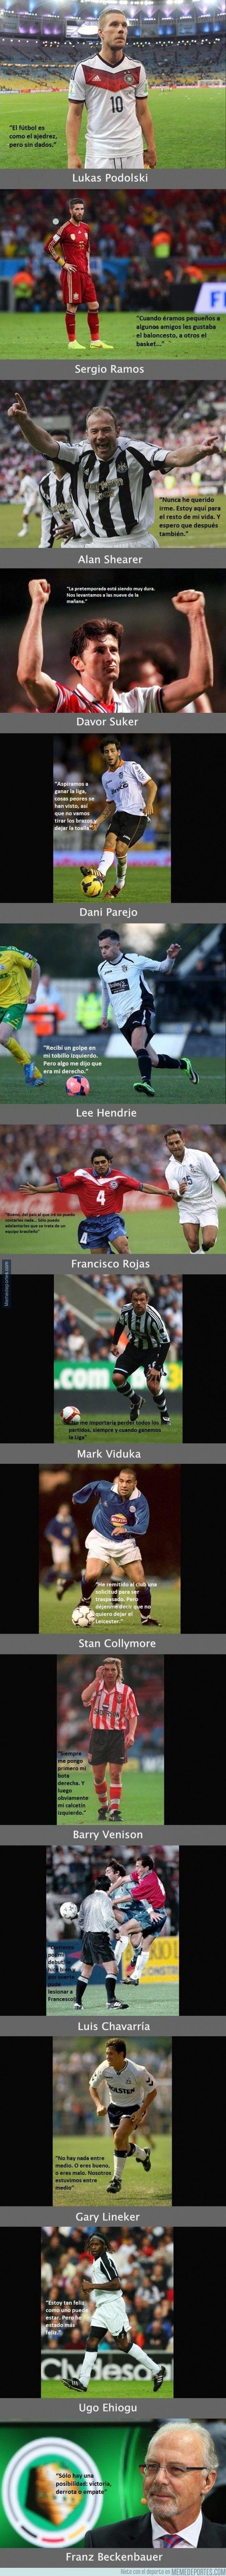 366647 - Las frases más absurdas de los futbolistas